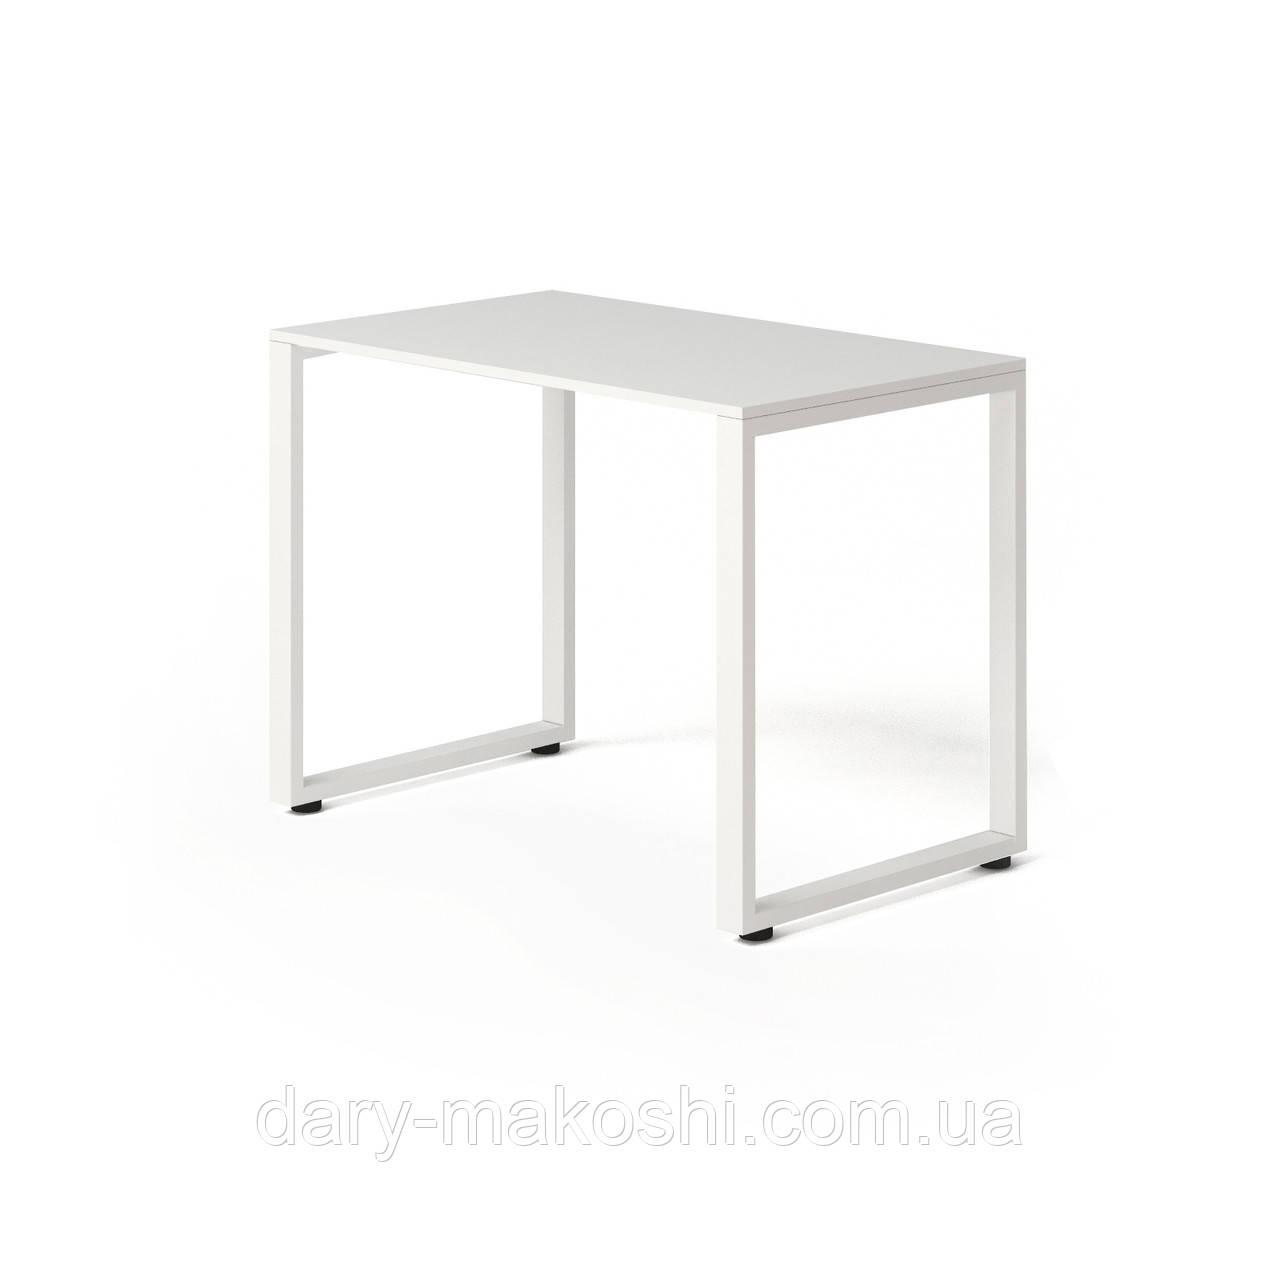 Стол Тавол КС 8.1 металл опоры 100смх60смх75см ДСП Белый